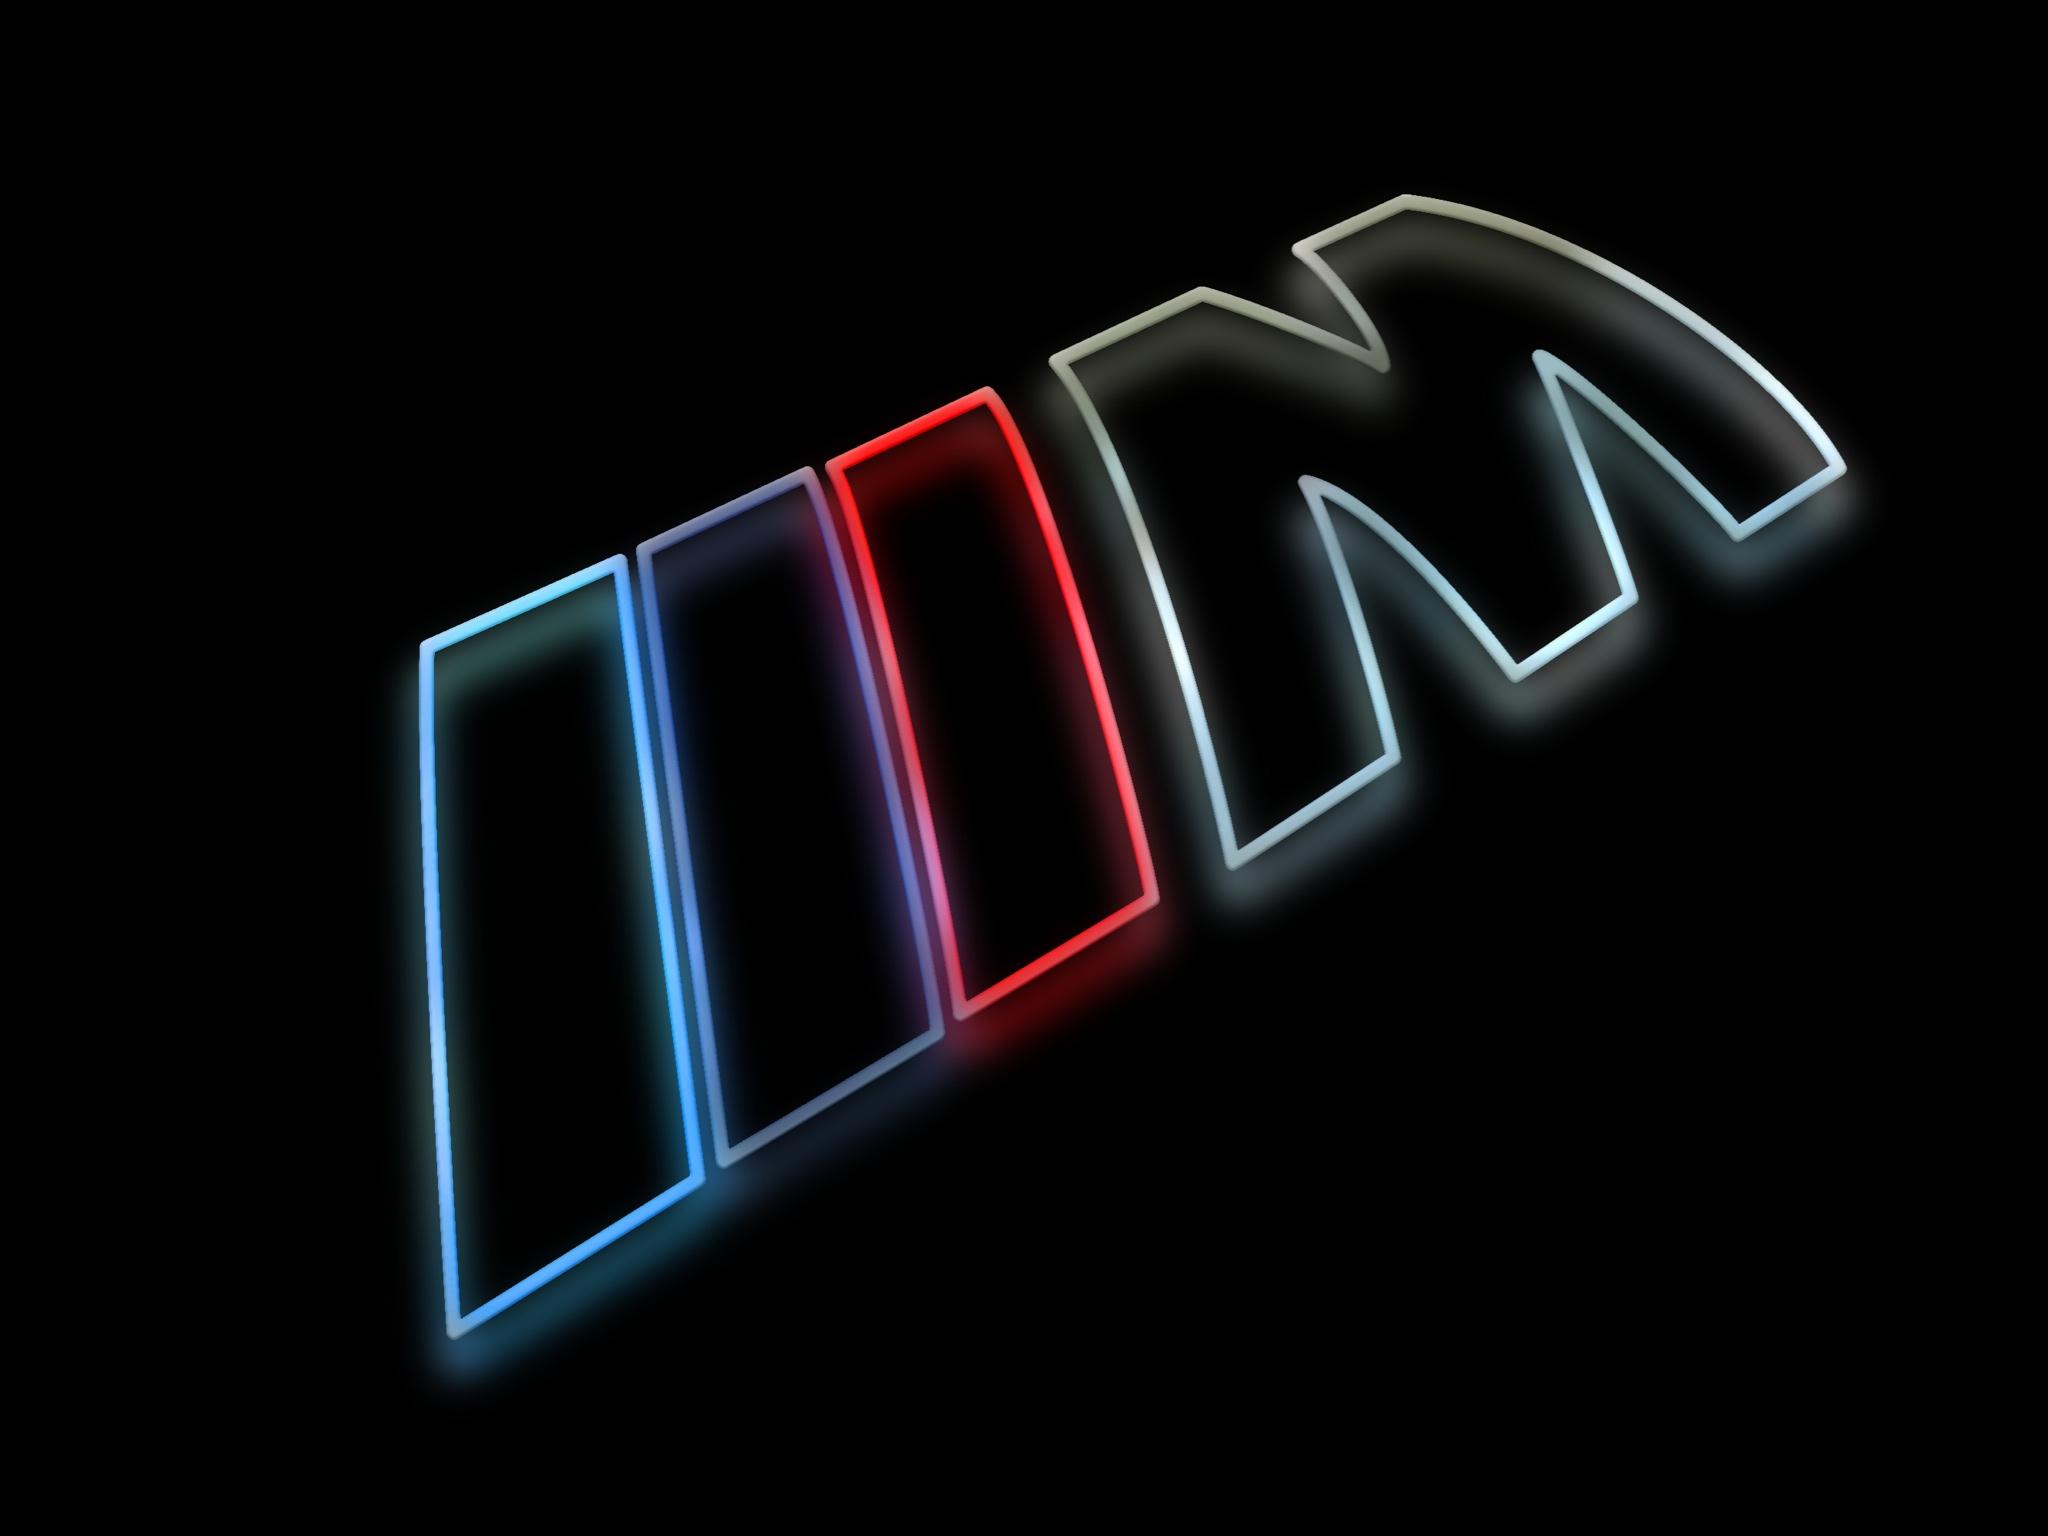 Bmw m Logo hd Bmw m Wallpaper images 2048x1536